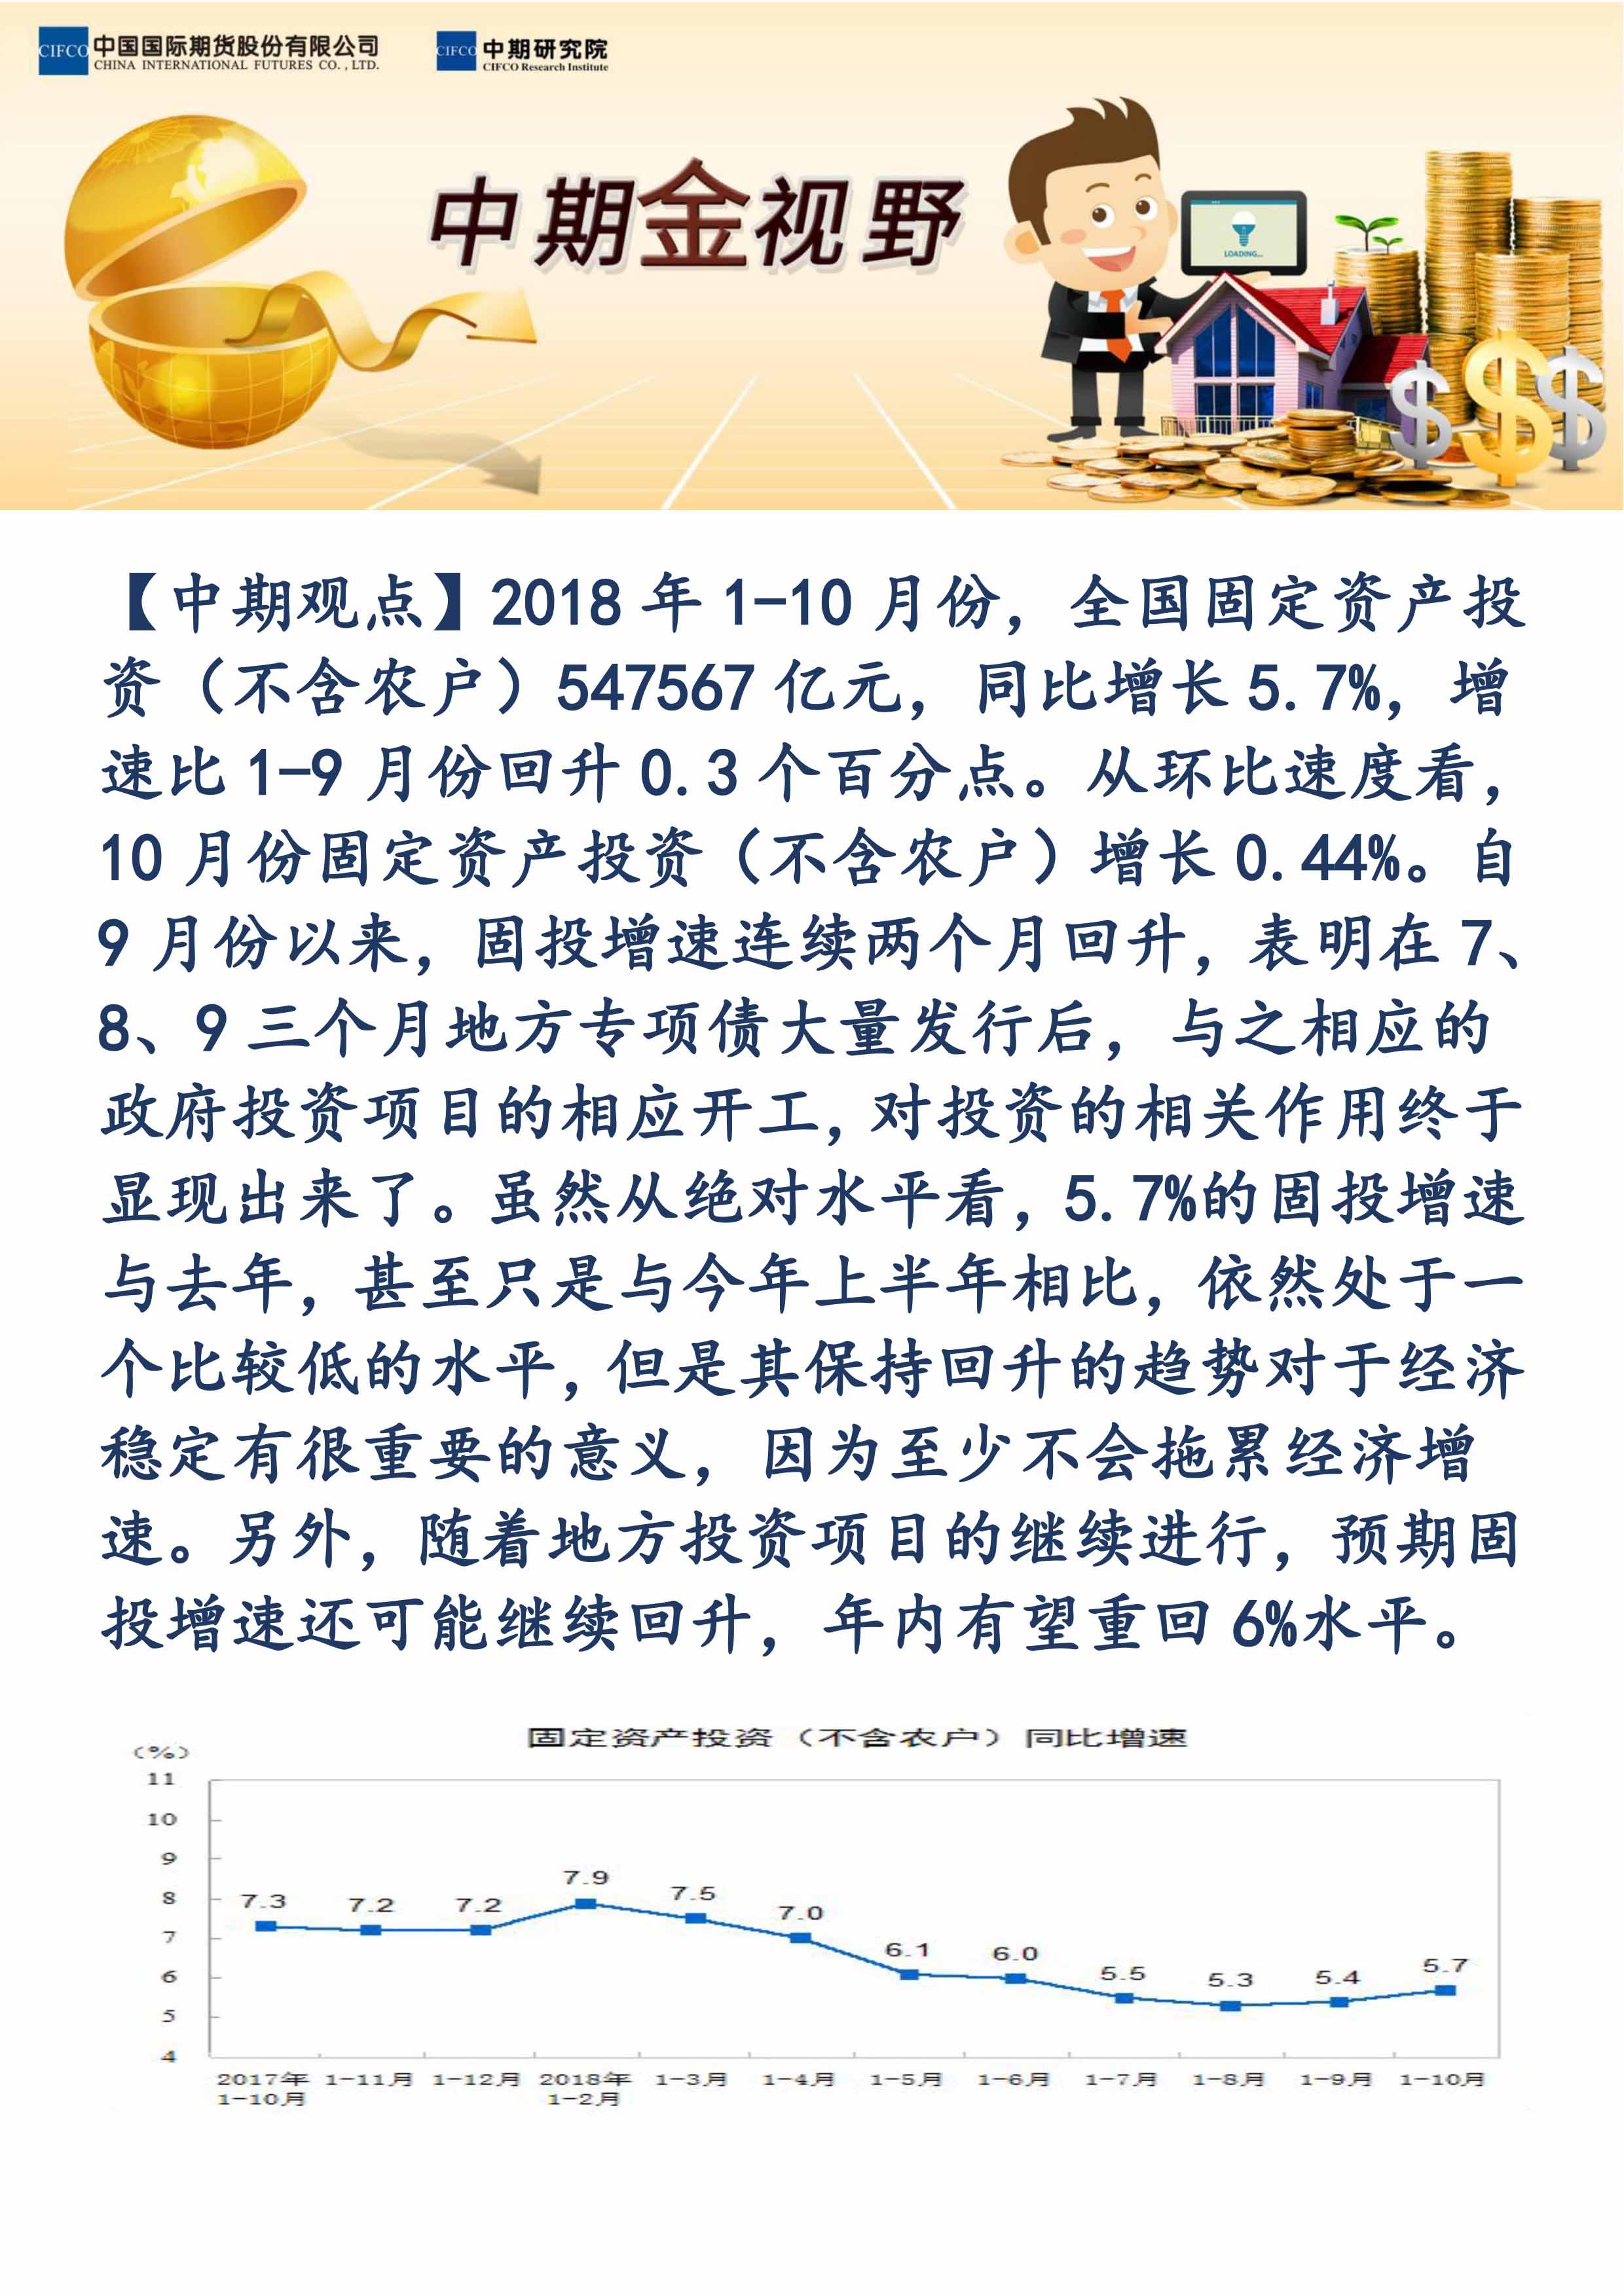 【易胜博金视野】10月固投继续回升,对稳定经济意义重大.jpg